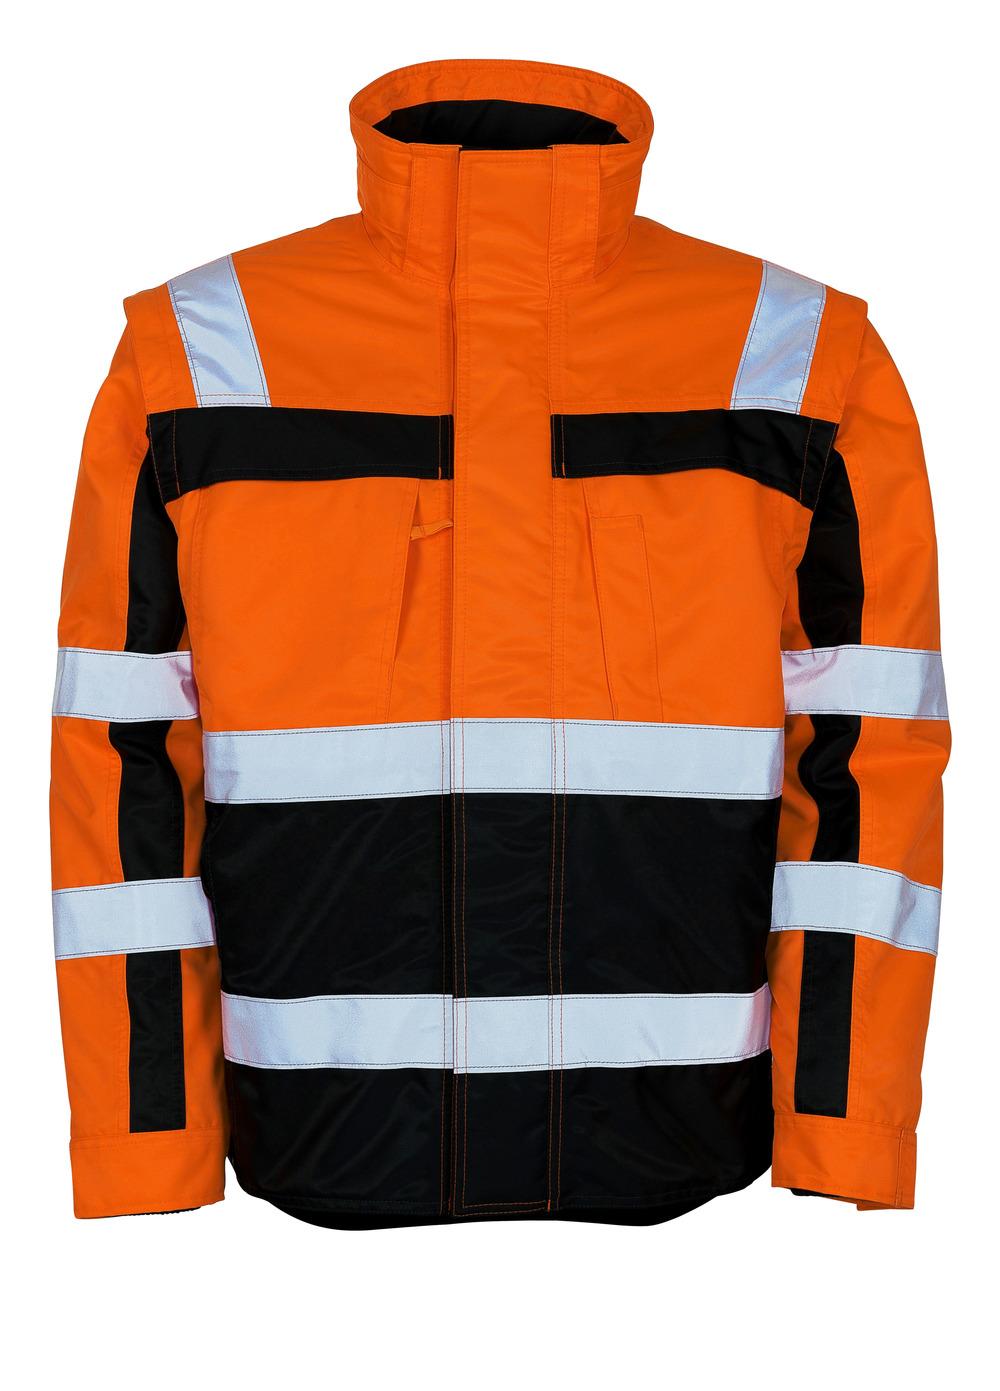 09335-880-141 Talvitakki - hi-vis oranssi/tummansininen